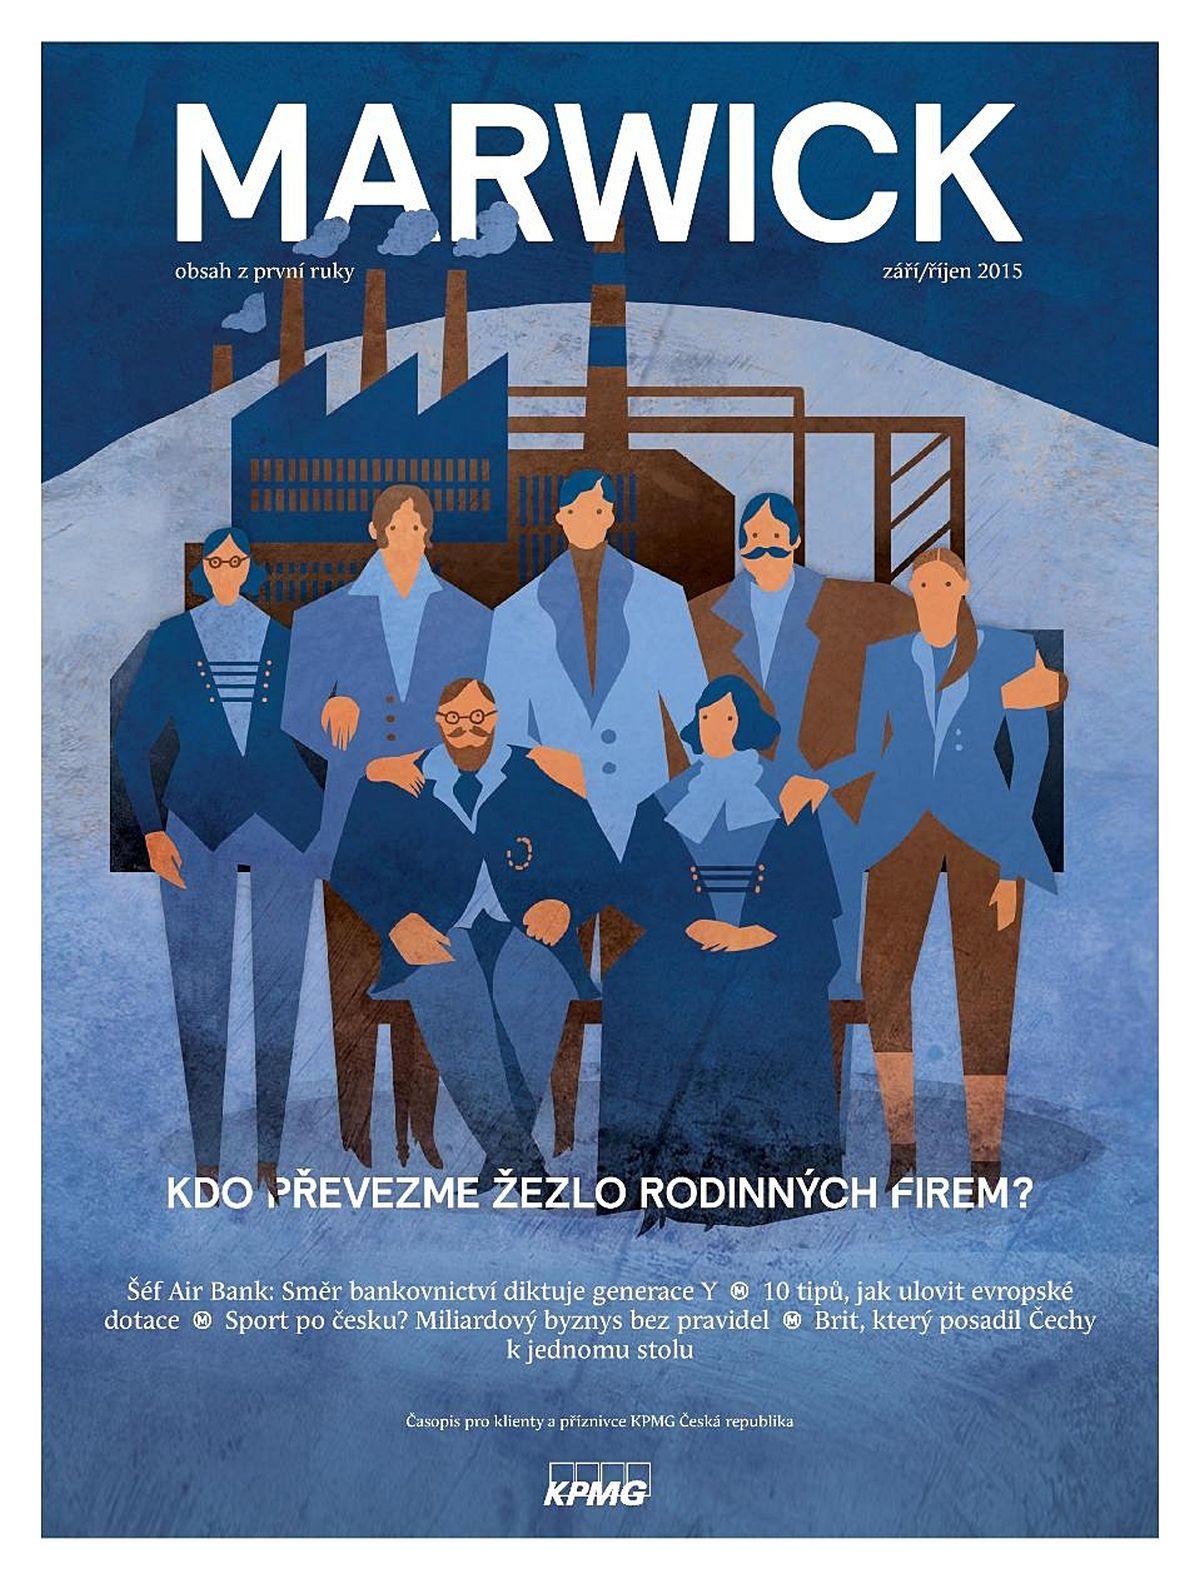 Marwick od KPMG dostal kromě Grand Prix zlato v kategorii B2B časopisů